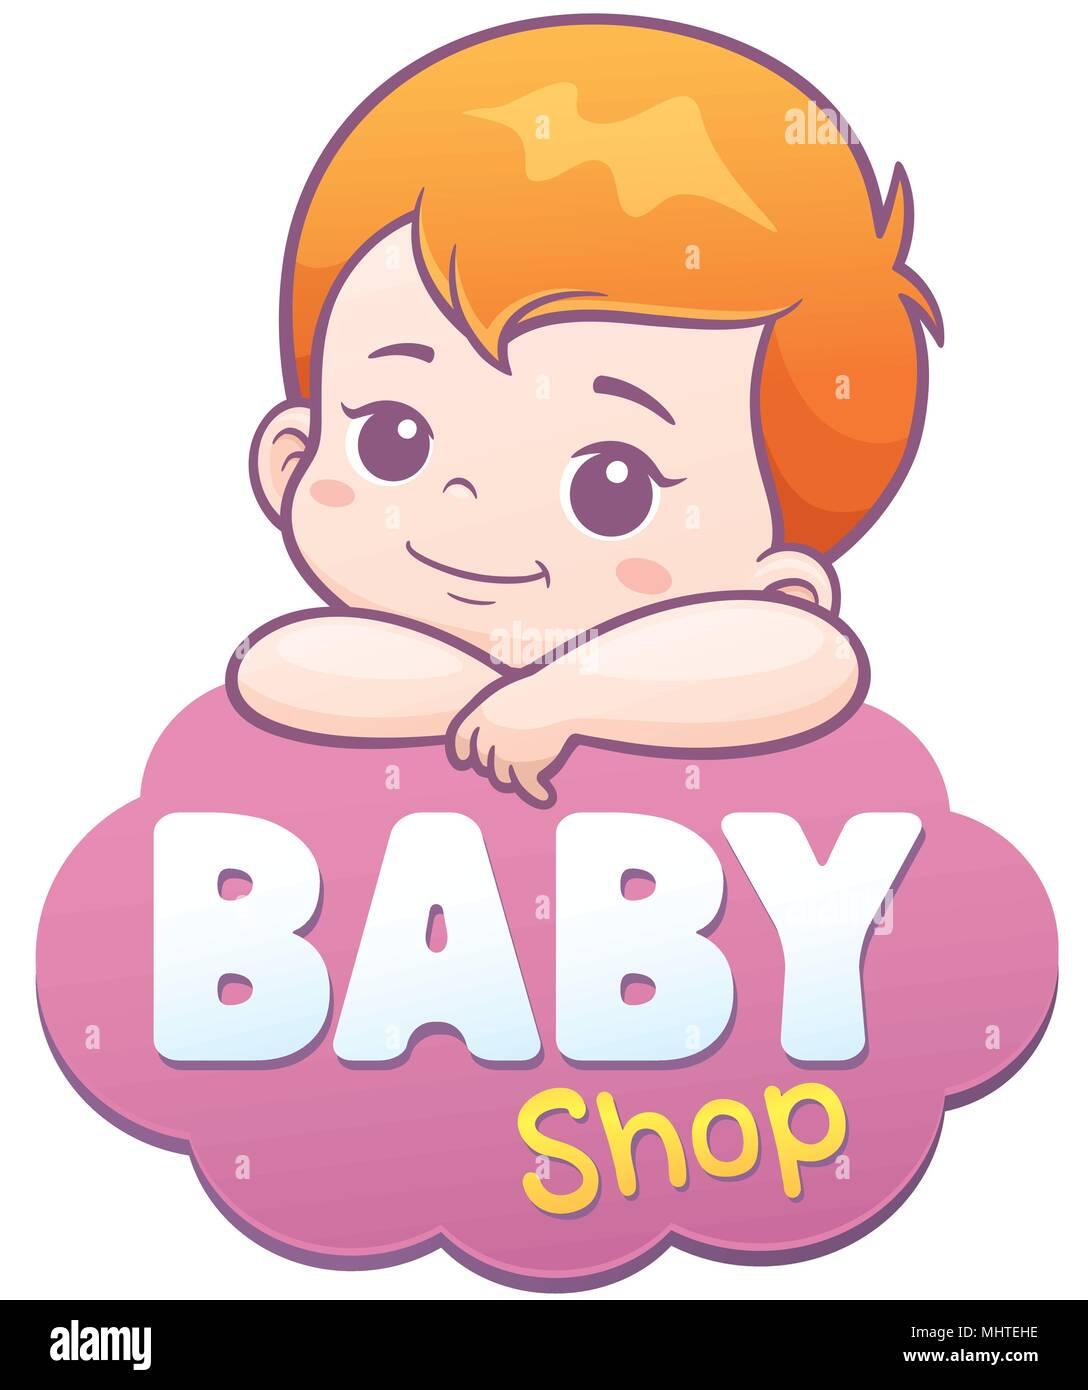 Ilustración Vectorial De Dibujos Animados Lindo Bebé Concepto Del